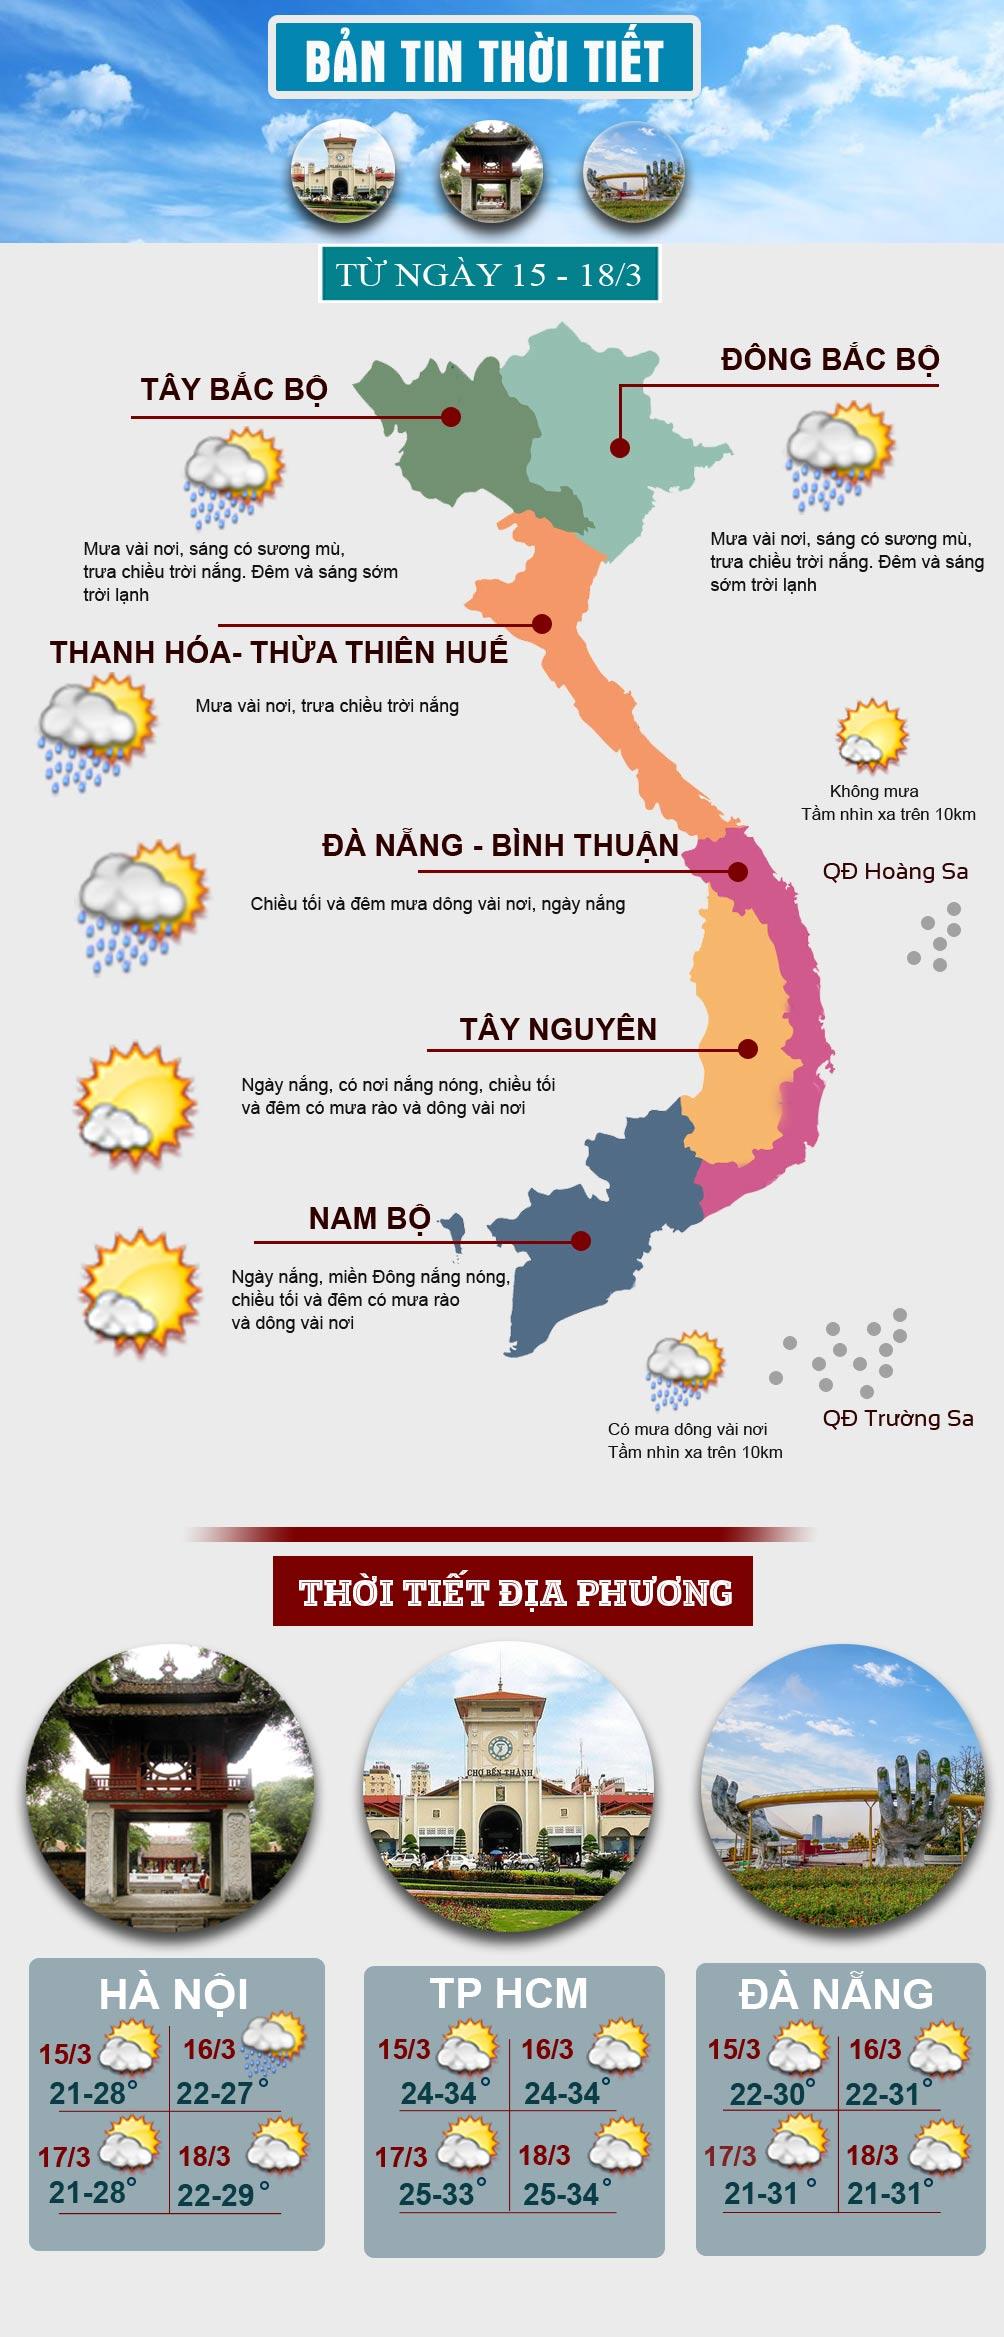 Thời tiết đầu tuần: Miền Bắc tăng nhiệt, miền Nam có tia cực tím nguy hiểm - 1